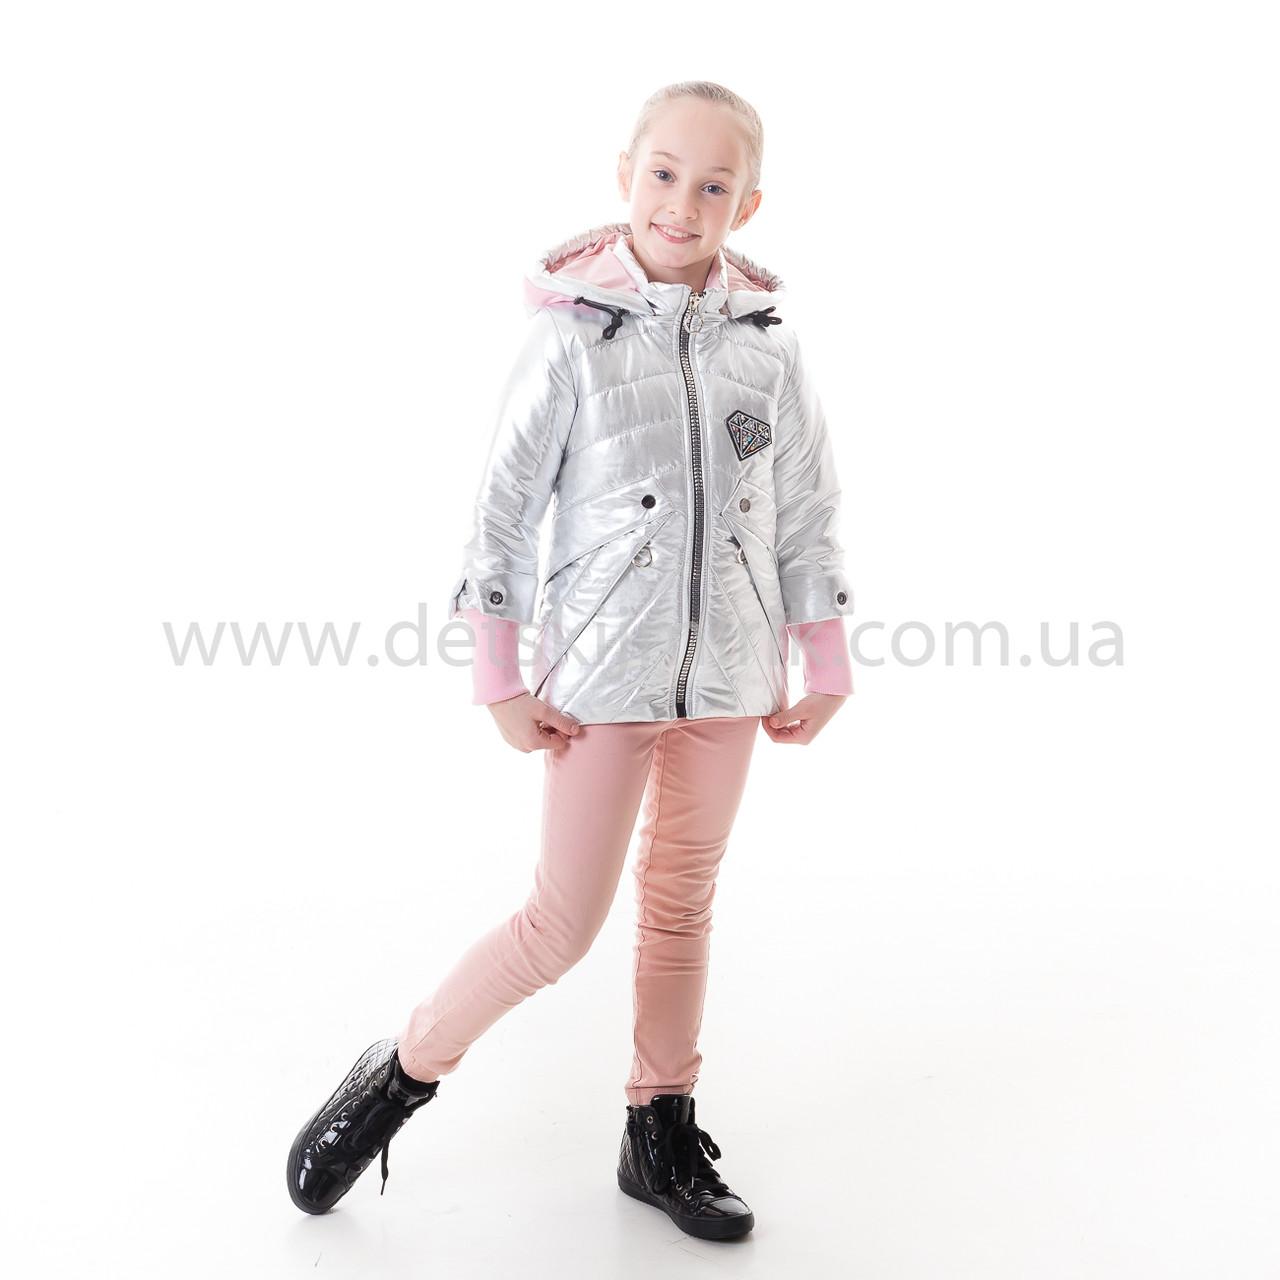 e60fe0f8c94 Детская куртка для девочки оптом и в розницу  продажа